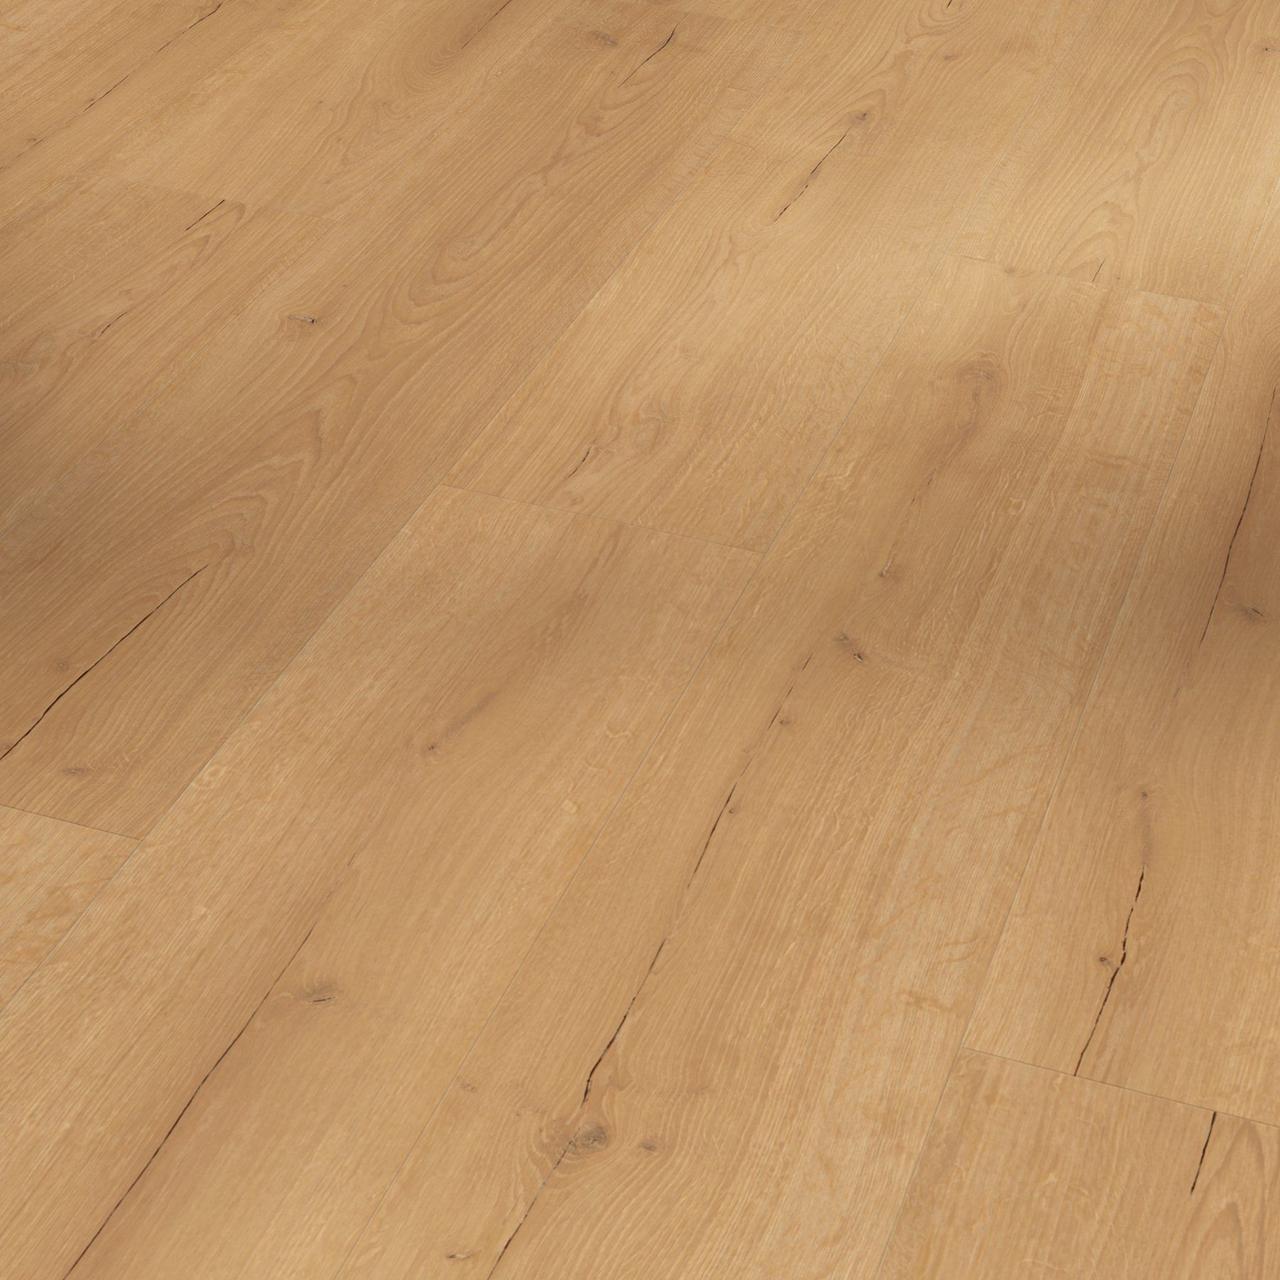 Вінілові покриття Parador Дуб Інфініті натуральний (Oak Infinity natural vivid texture)